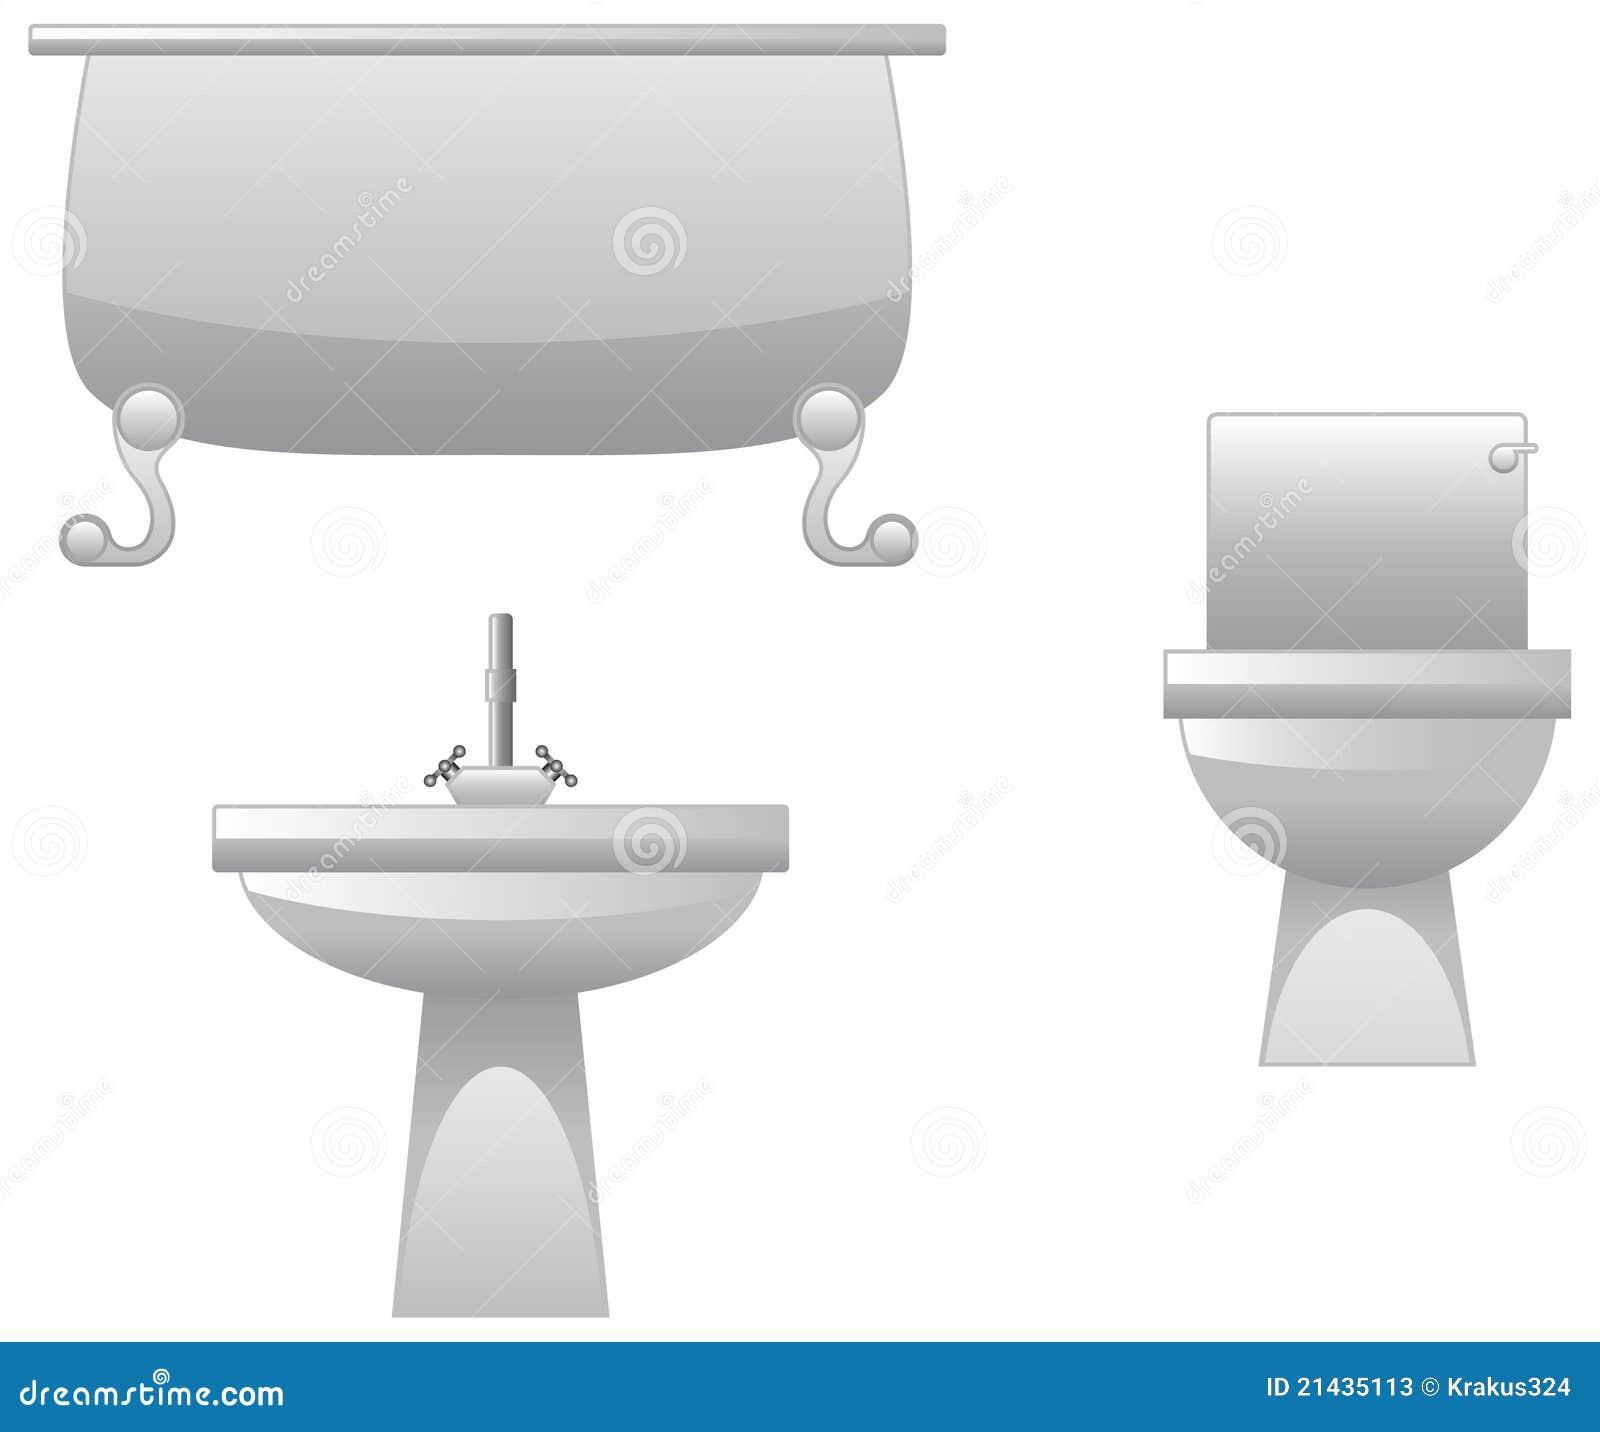 Encanamento Para O Banheiro Fotos de Stock  Imagem 21435113 -> Encanamento De Banheiro Com Banheira